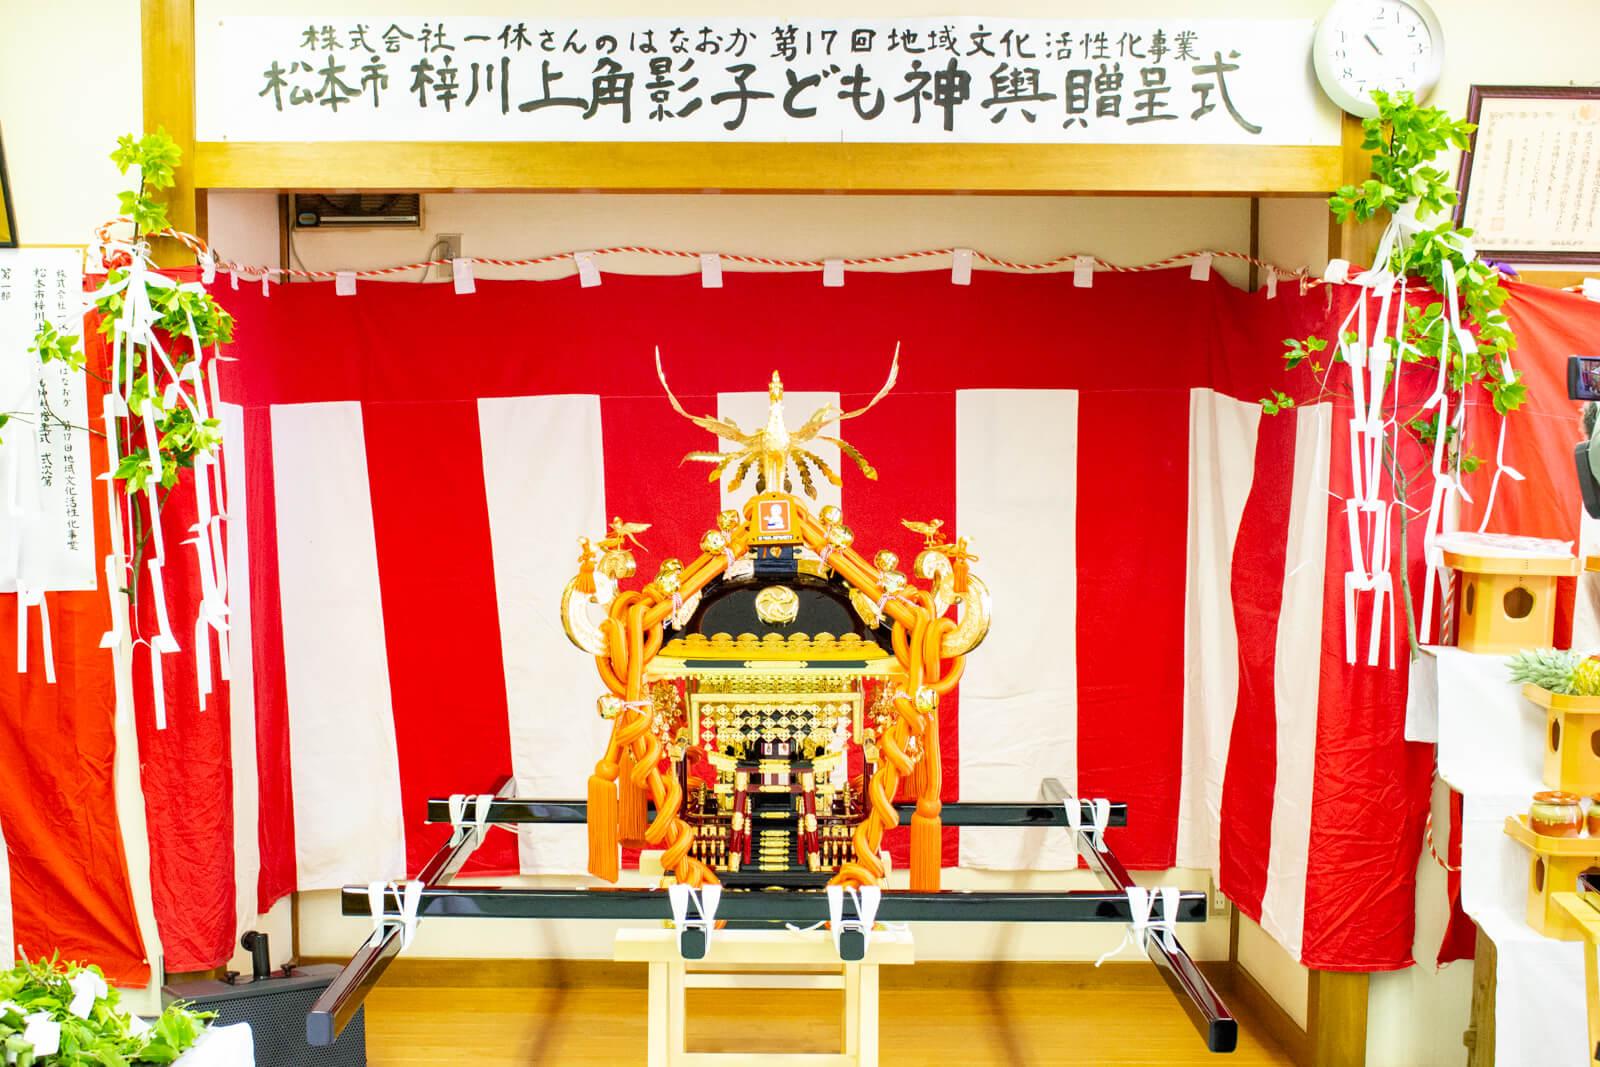 松本市上角影伝統芸能文化保存会の皆様へお神輿贈呈